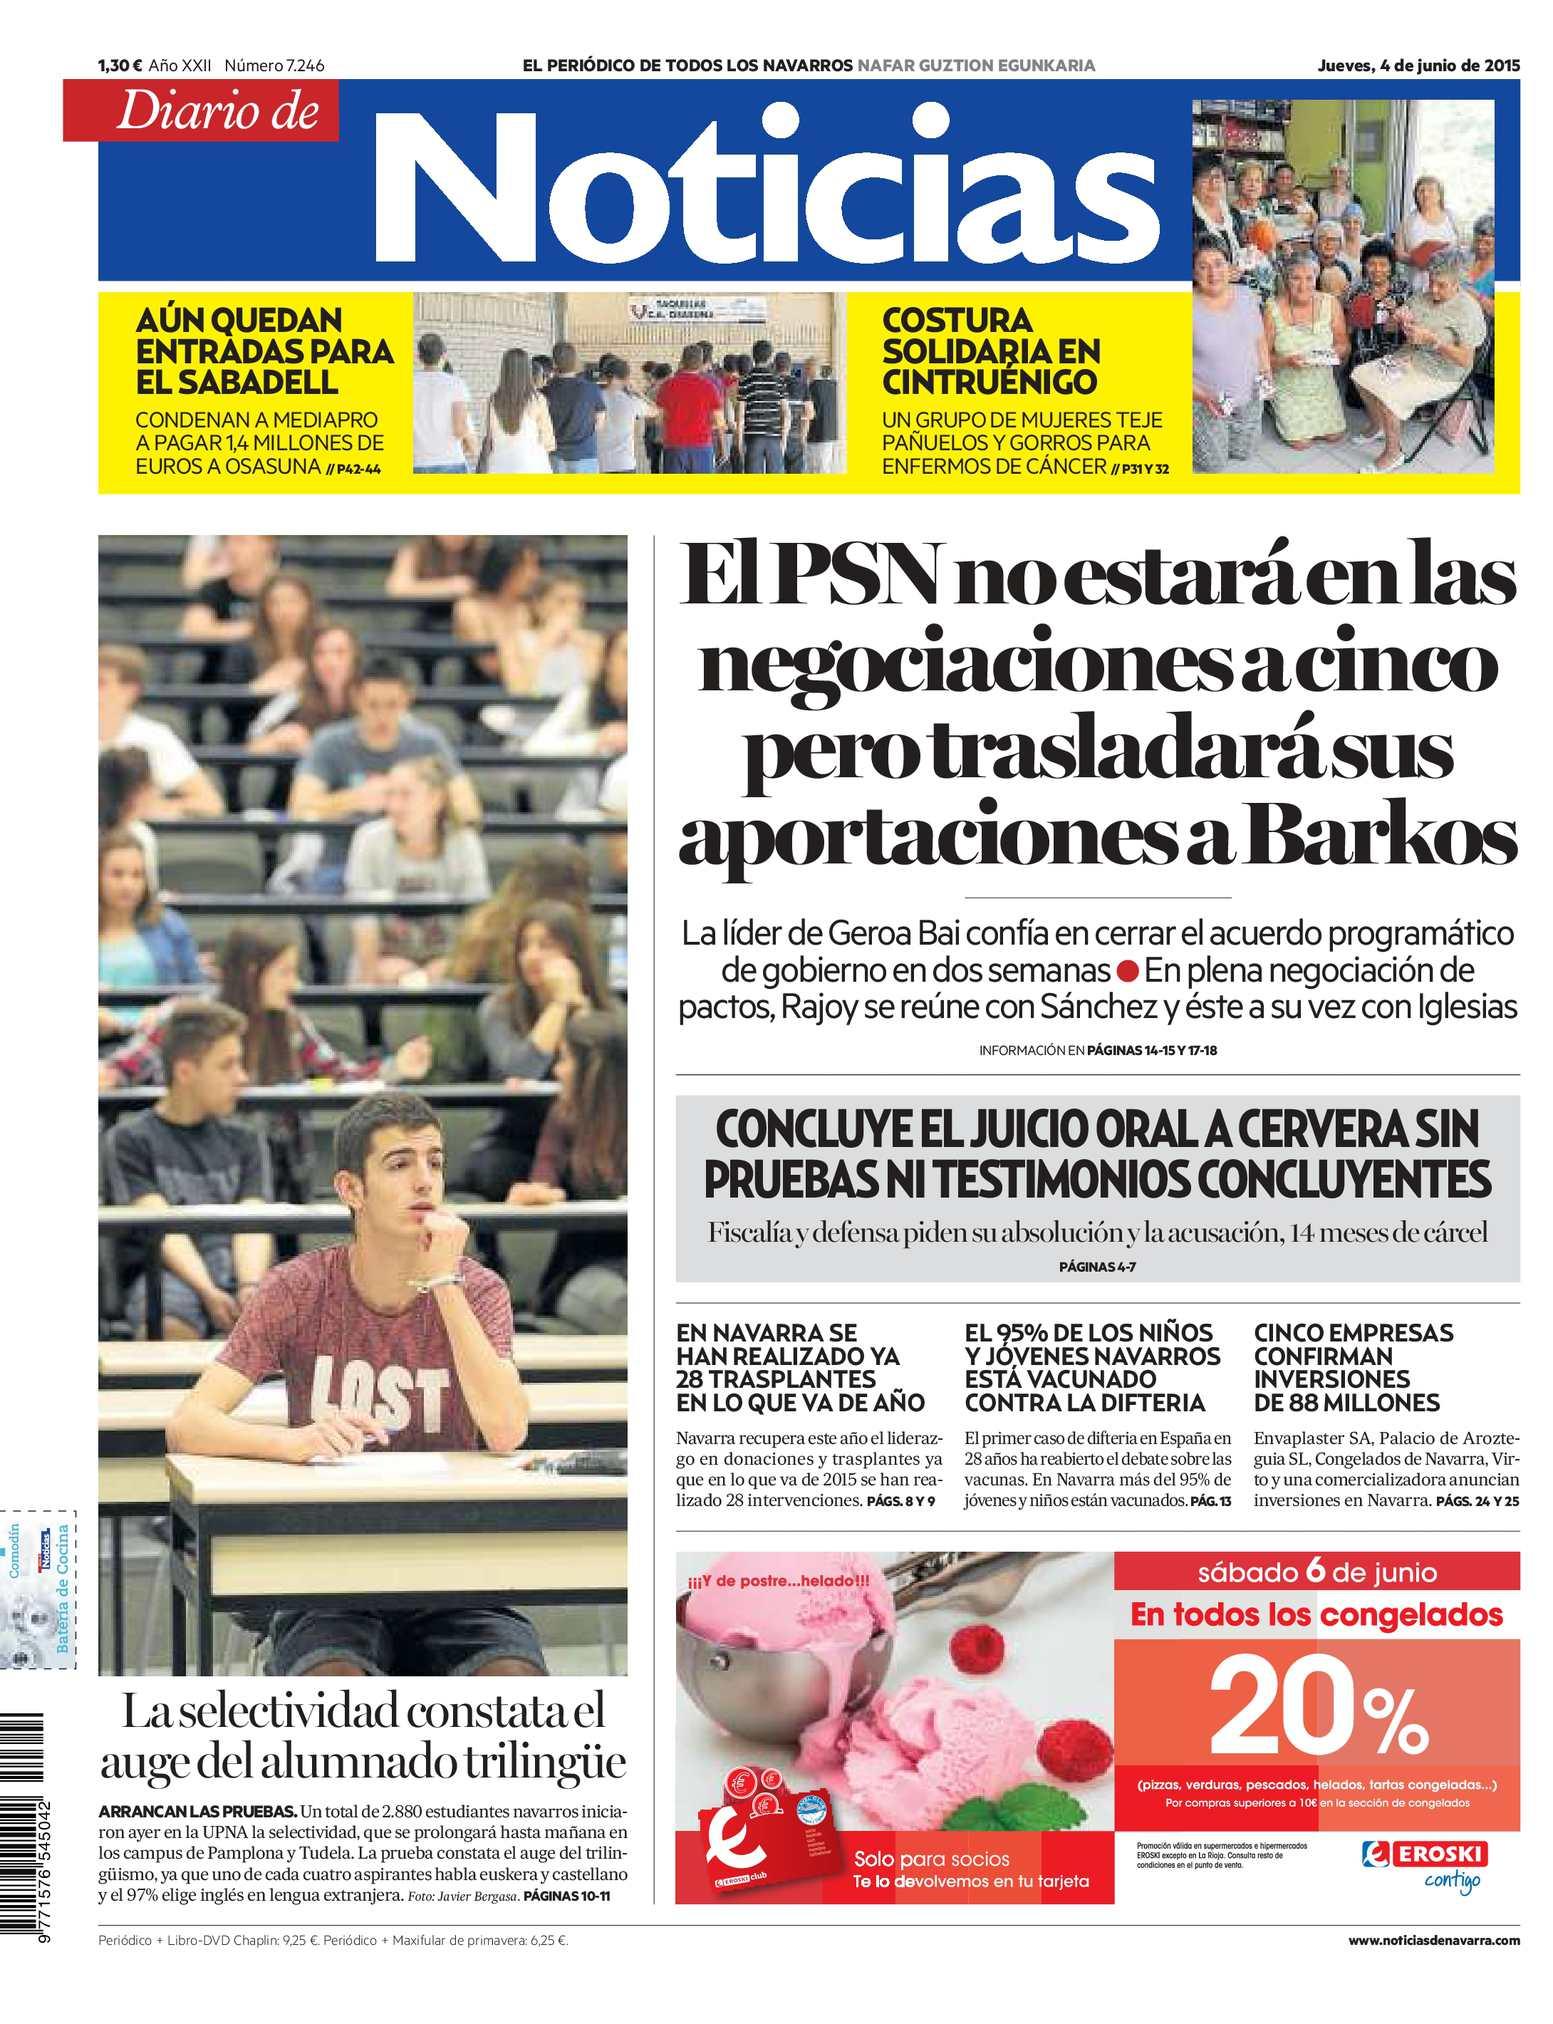 Calaméo - Diario de Noticias 20150604